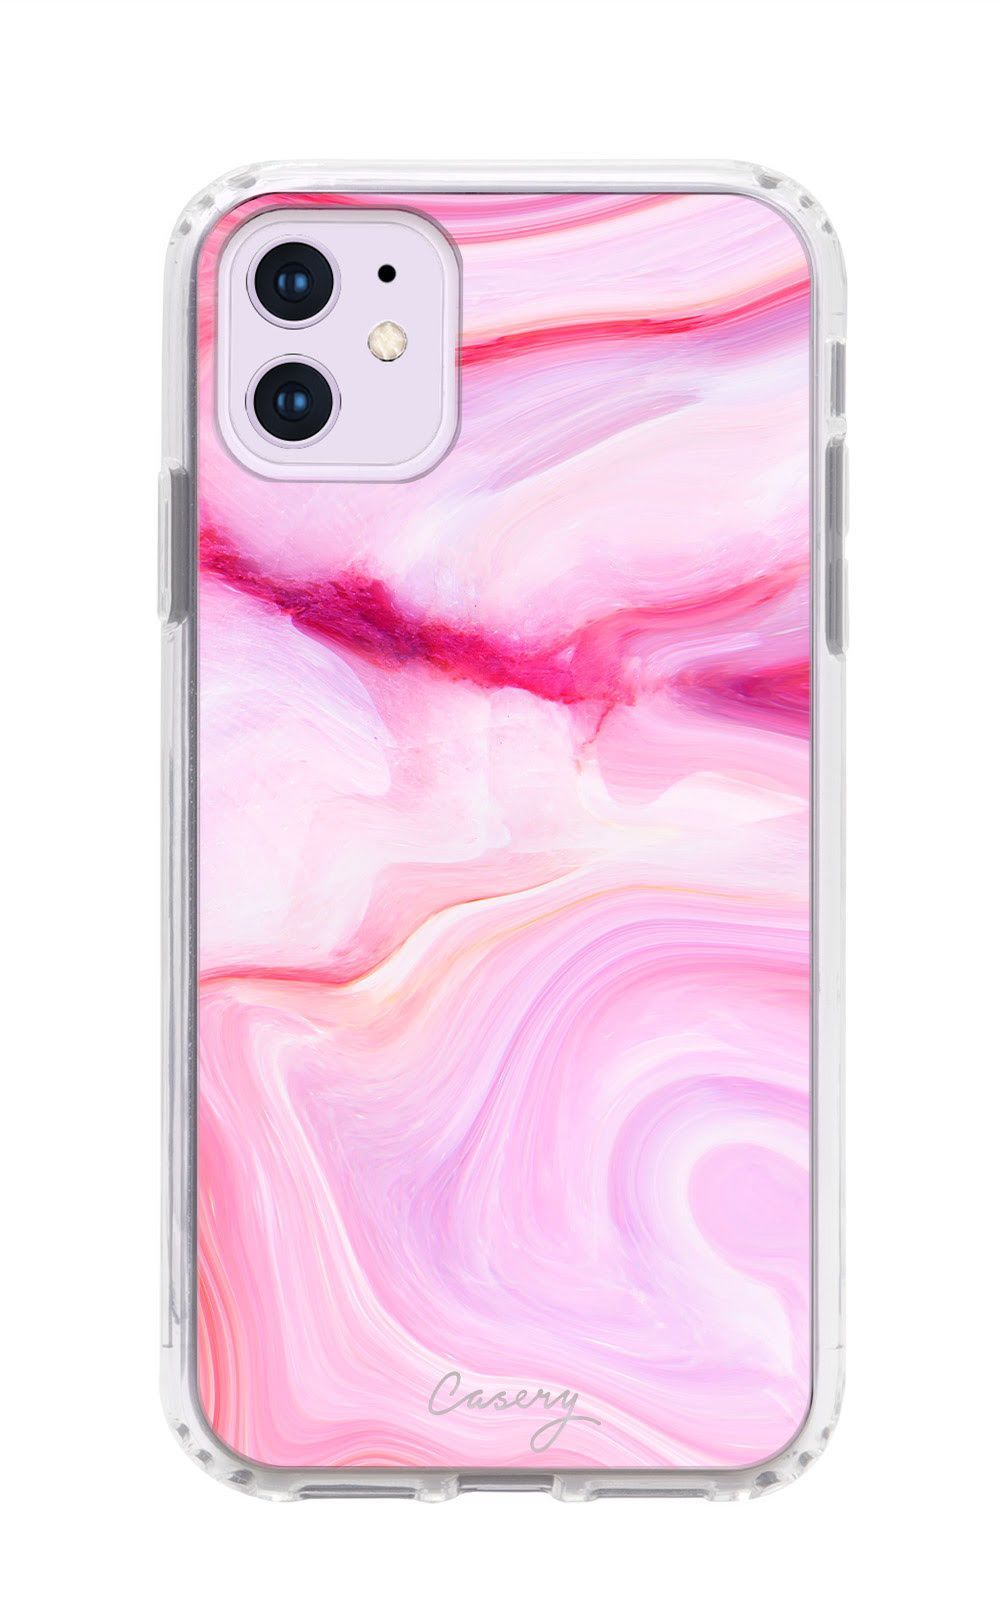 Anti-Rayures iPhone 8 iPhone 7 LAFCH Film Protection d/écran /Écran Protecteur Vitre pour iPhone Se 2020 iPhone 7 1 Pi/èces Verre Tremp/é pour iPhone Se 2020 iPhone 8